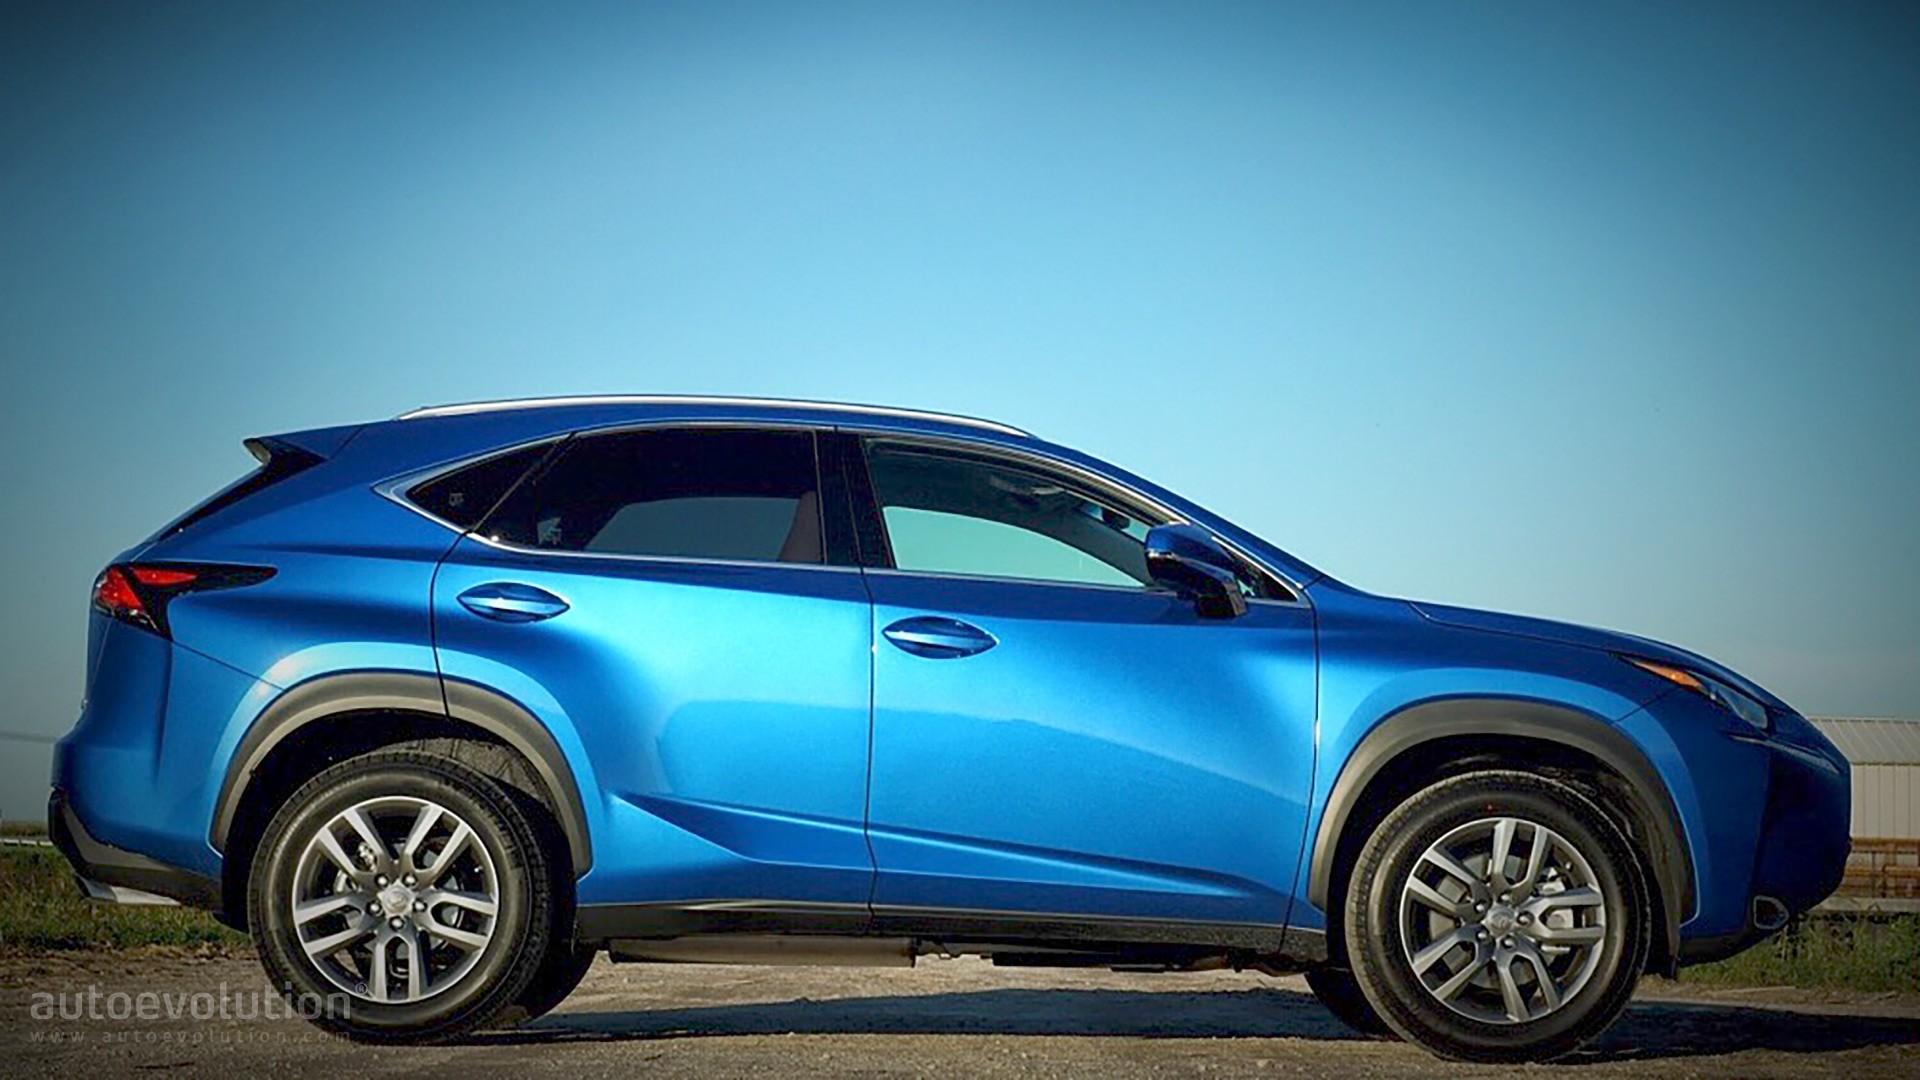 Lexus UX Concept Design Revealed ahead of Paris, Previews New ...